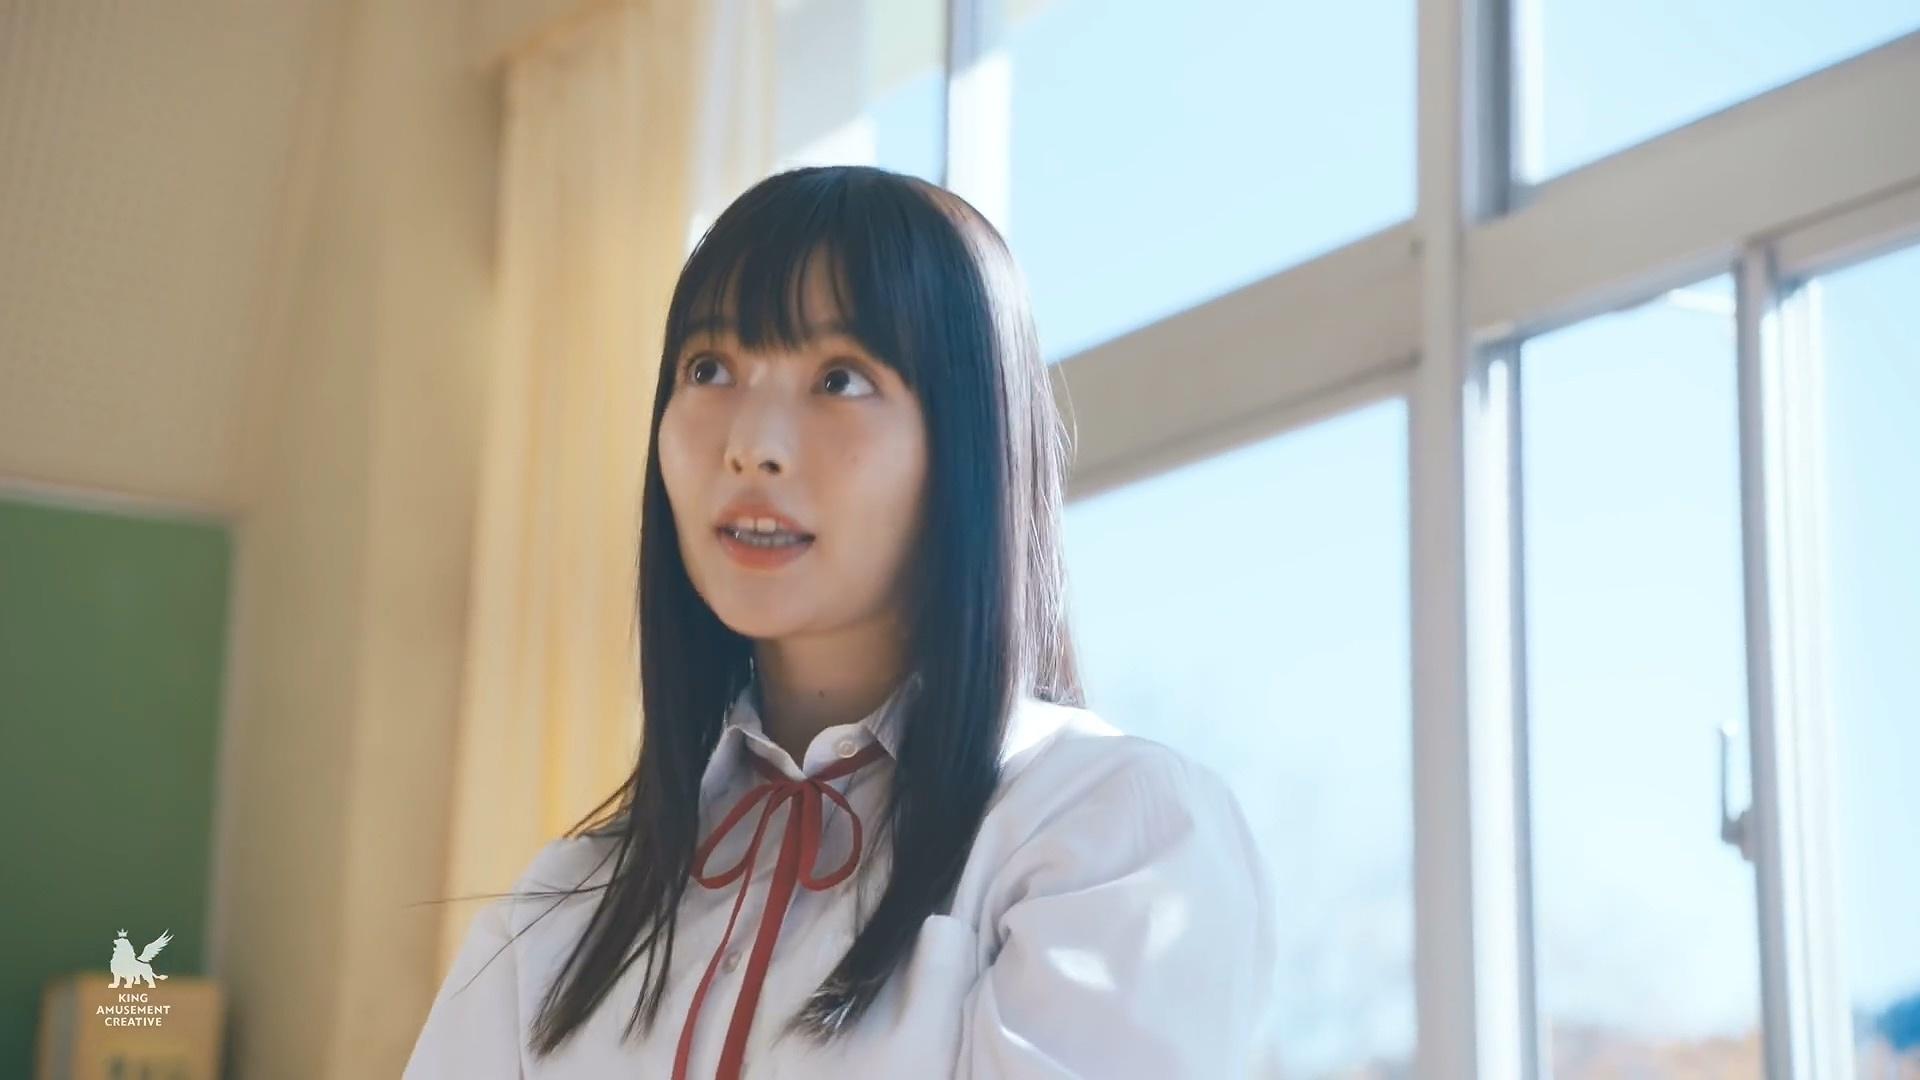 上坂すみれ「EASY LOVE」Music Video.mp4_000100.738